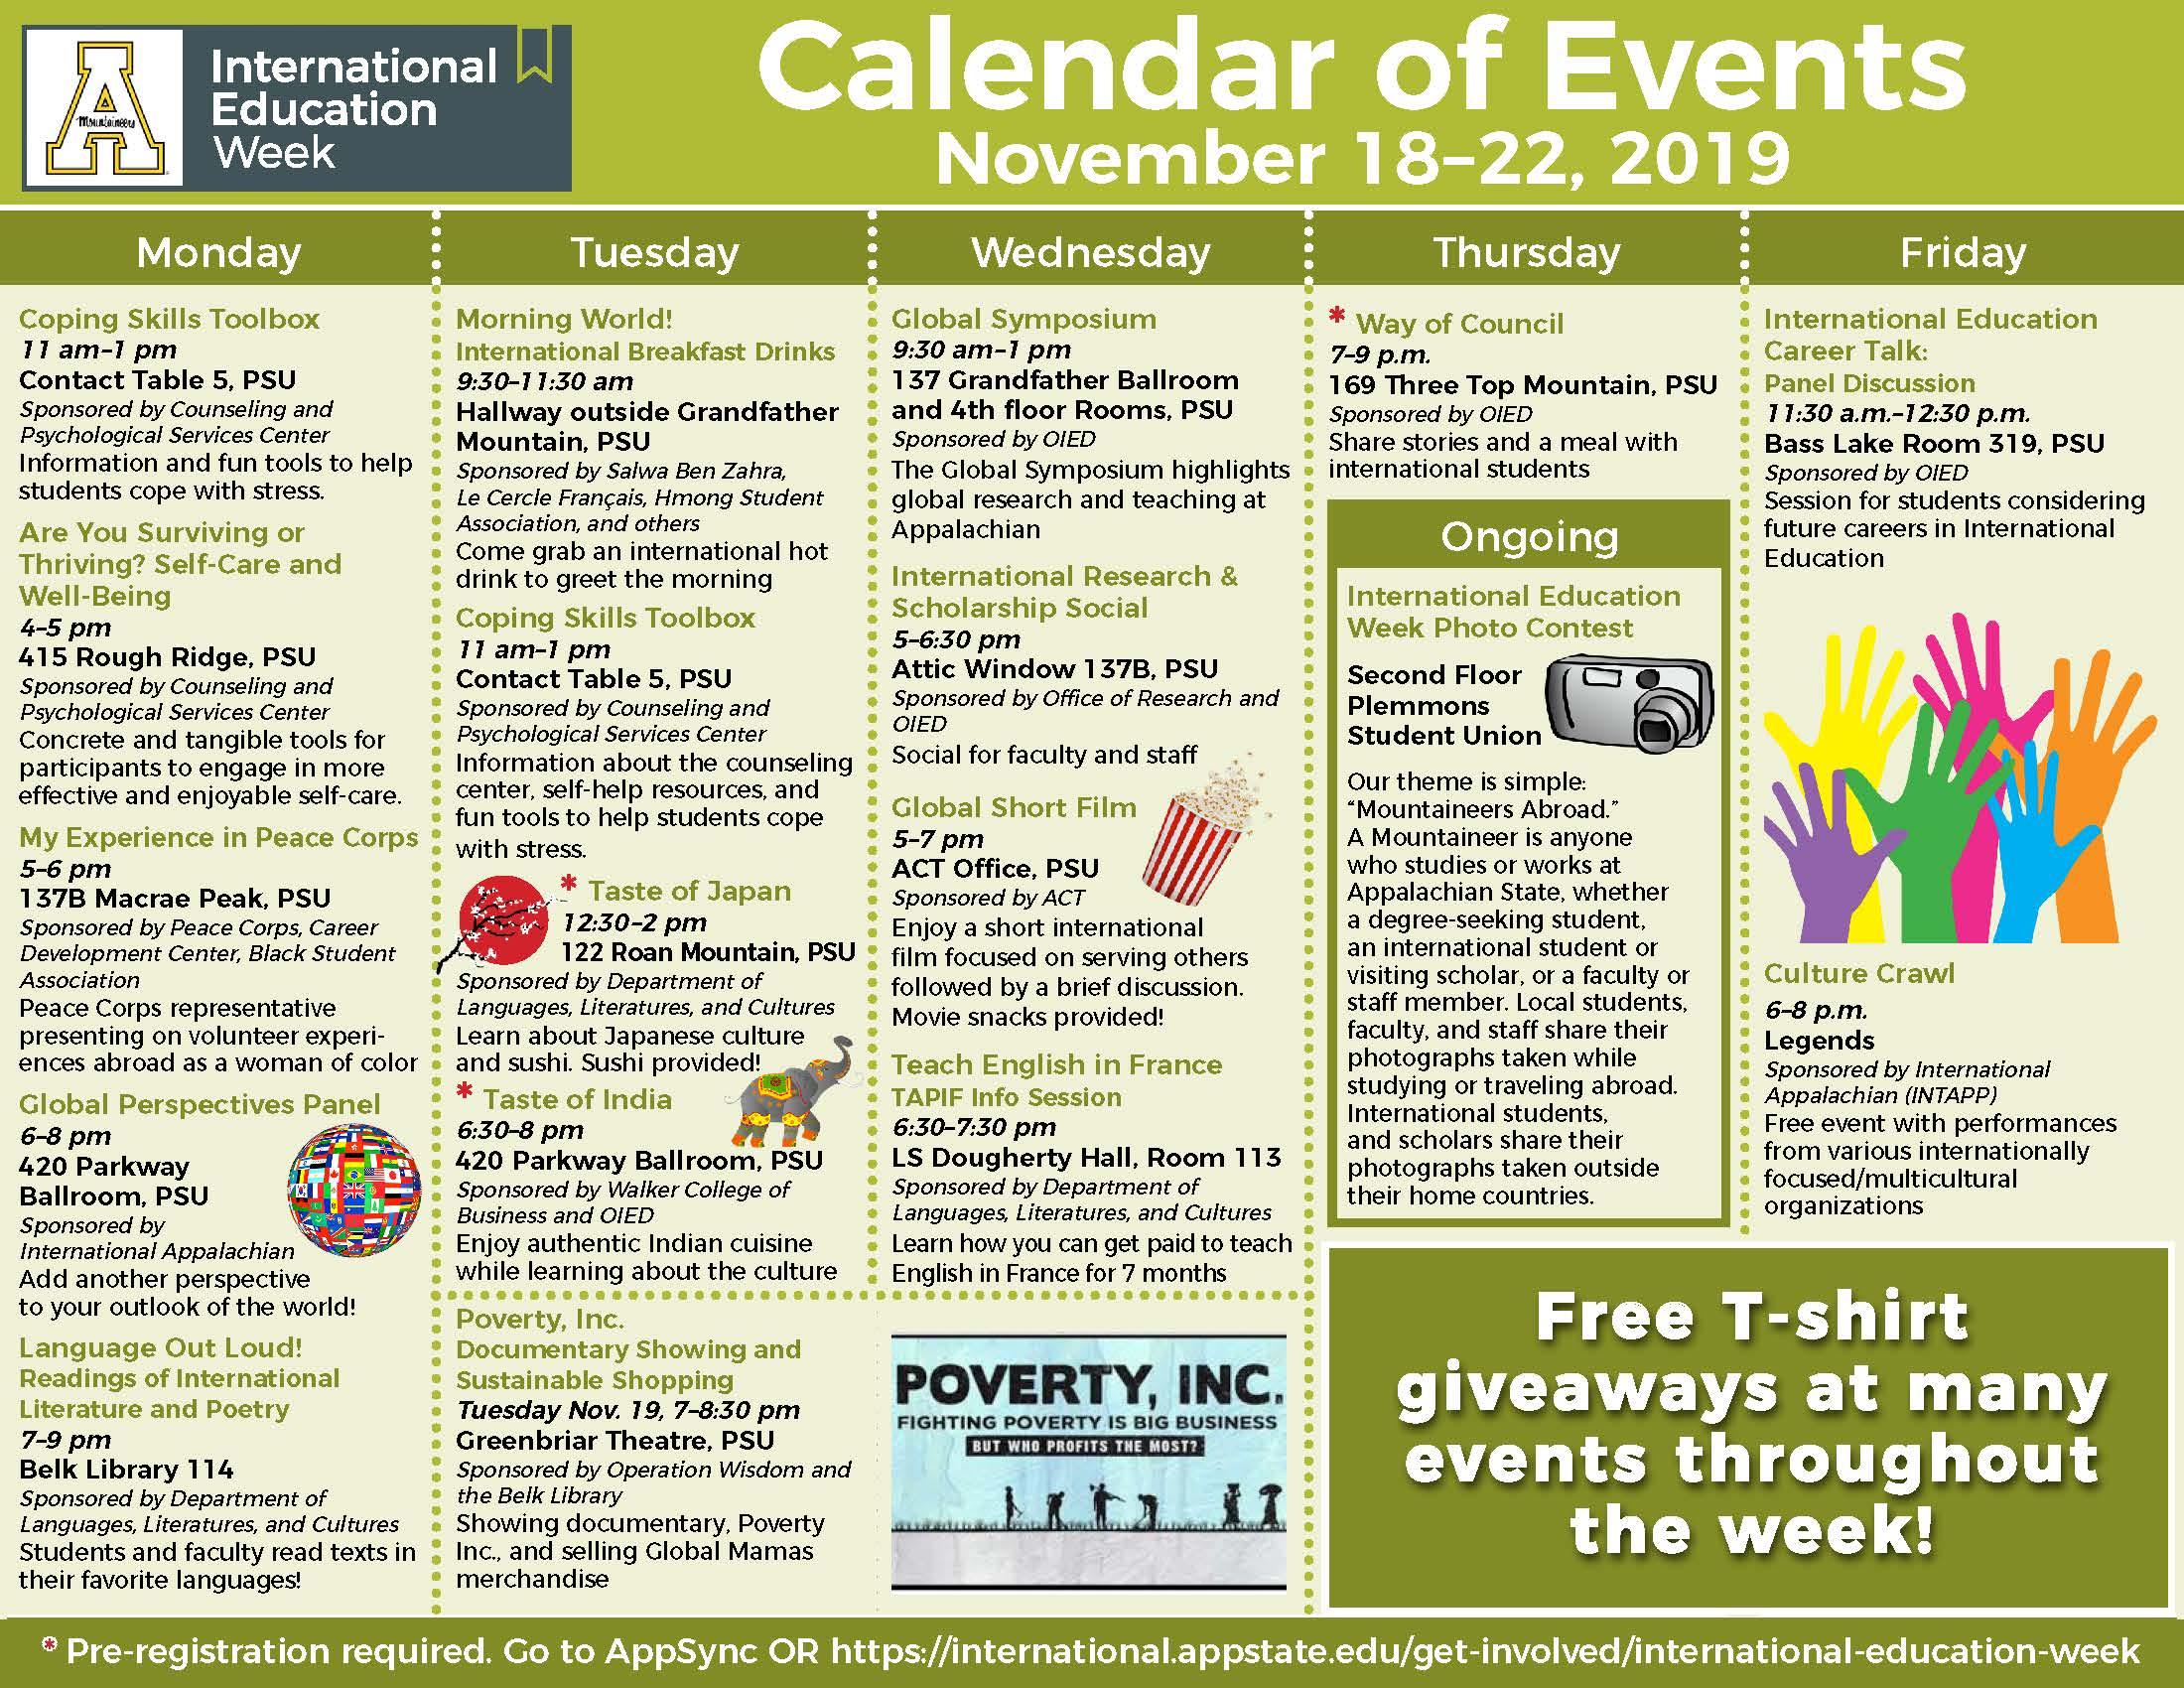 International Education Week Schedule